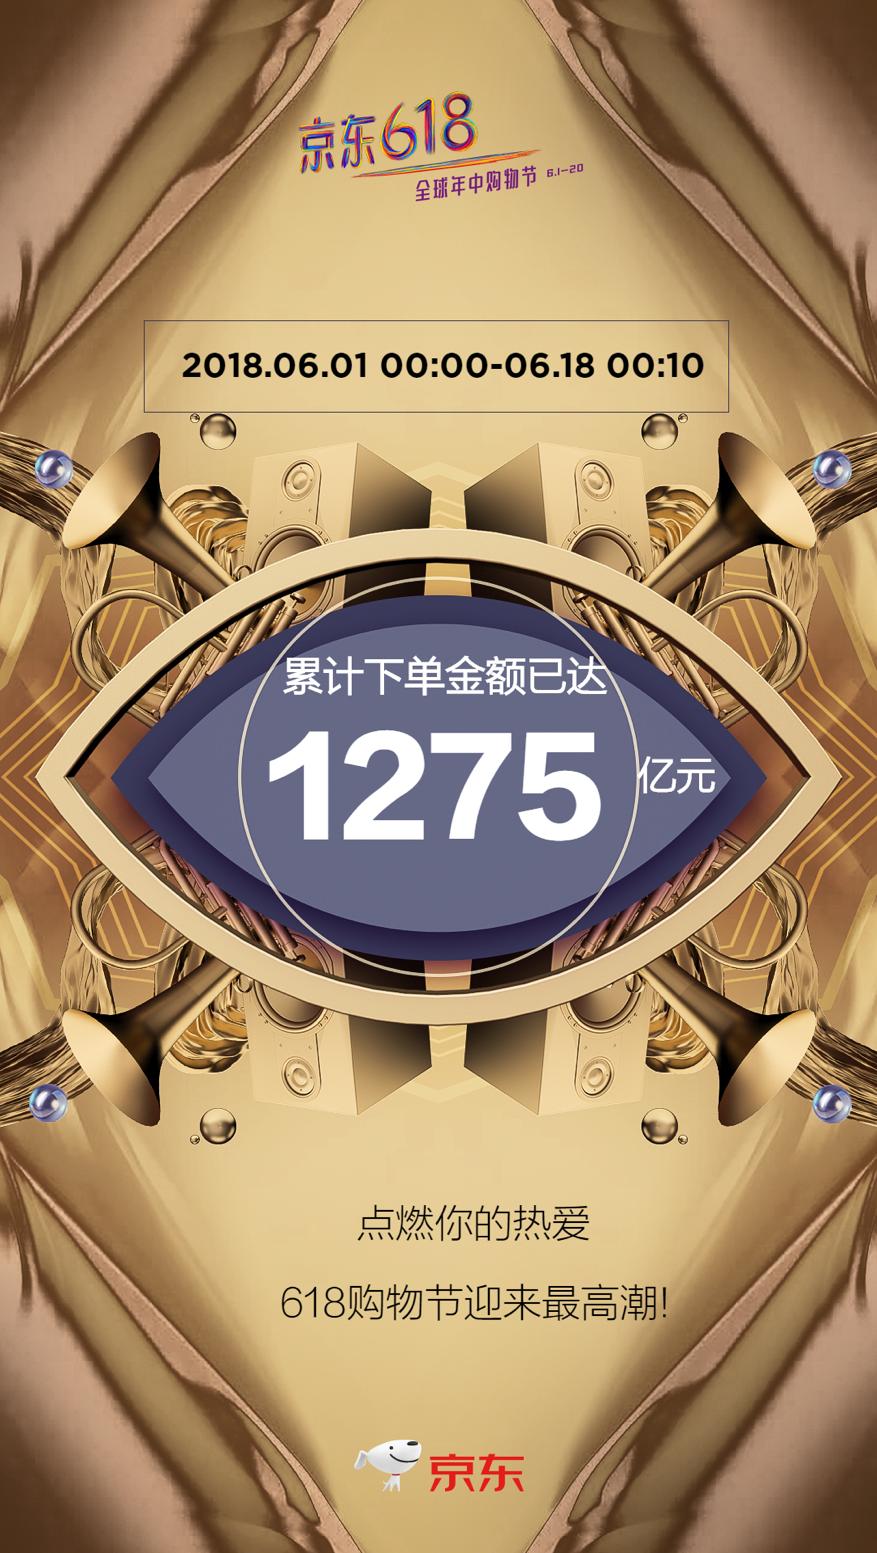 6月18日00点10分京东618累计下单金额1275亿元 冲顶消费最高潮